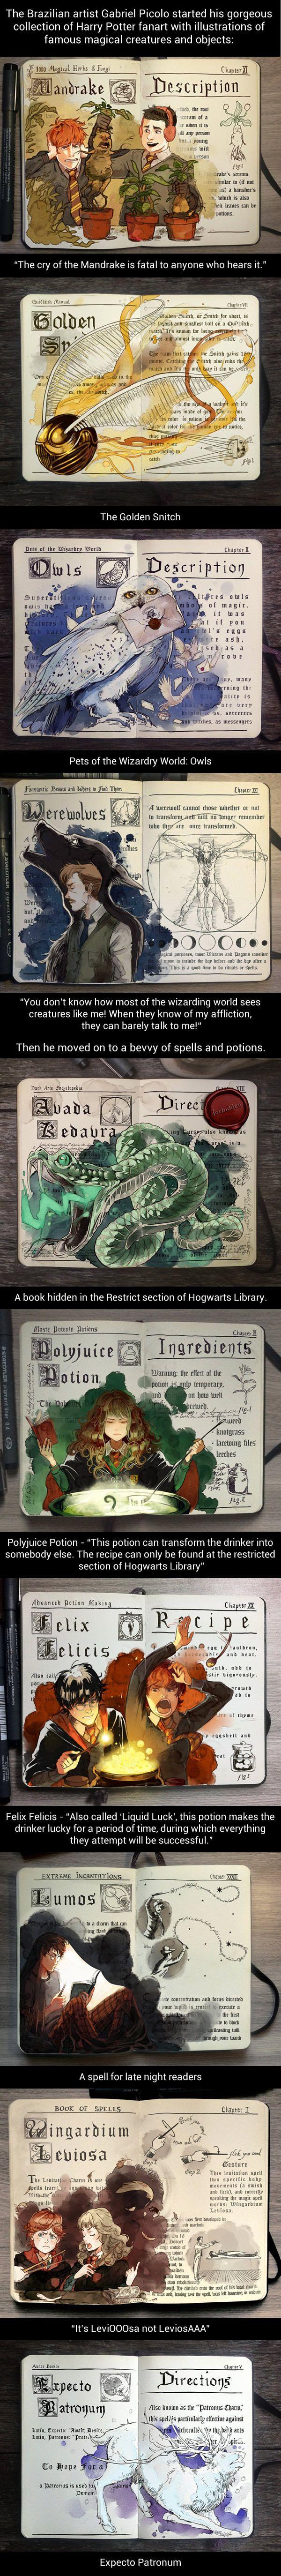 Les fans se font une joie d'illustrer les idées de Rowling et le travail de Gabriel Picolo vaut clairement qu'on y jette unoeil.